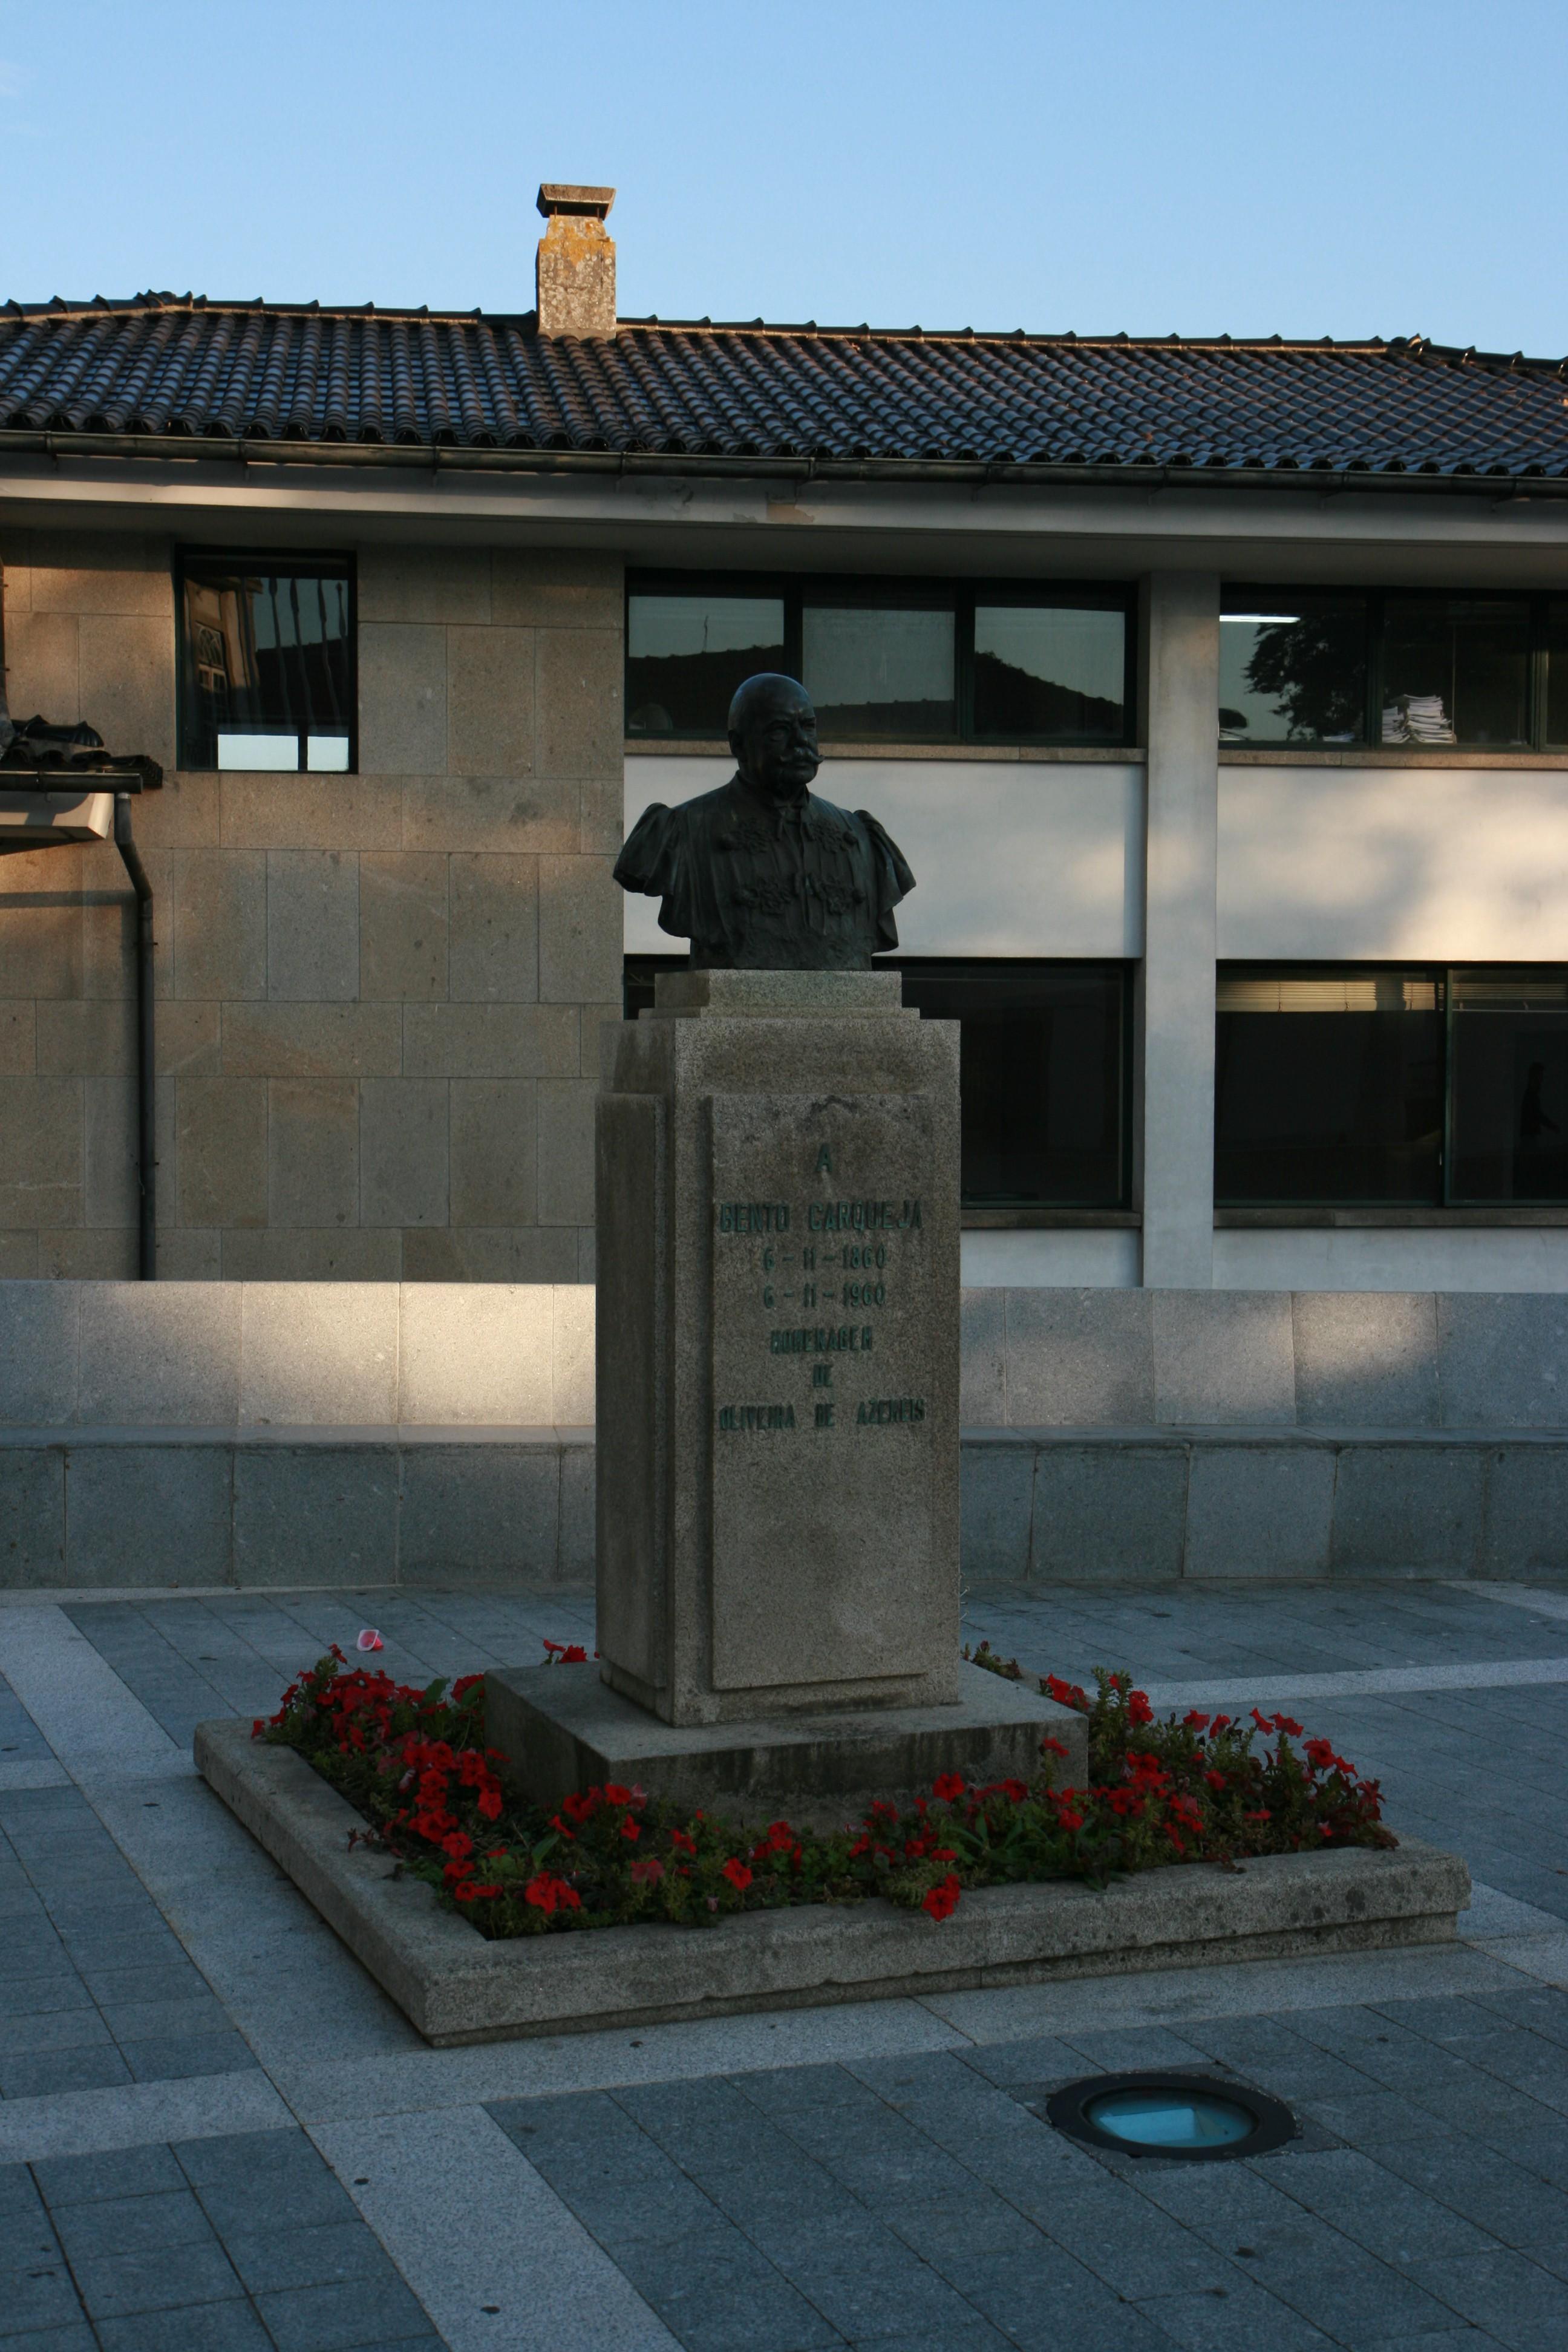 Busto de Bento Carqueja, localizado no Largo da República, junto aos Paços do Concelho de Oliveira de Azeméis